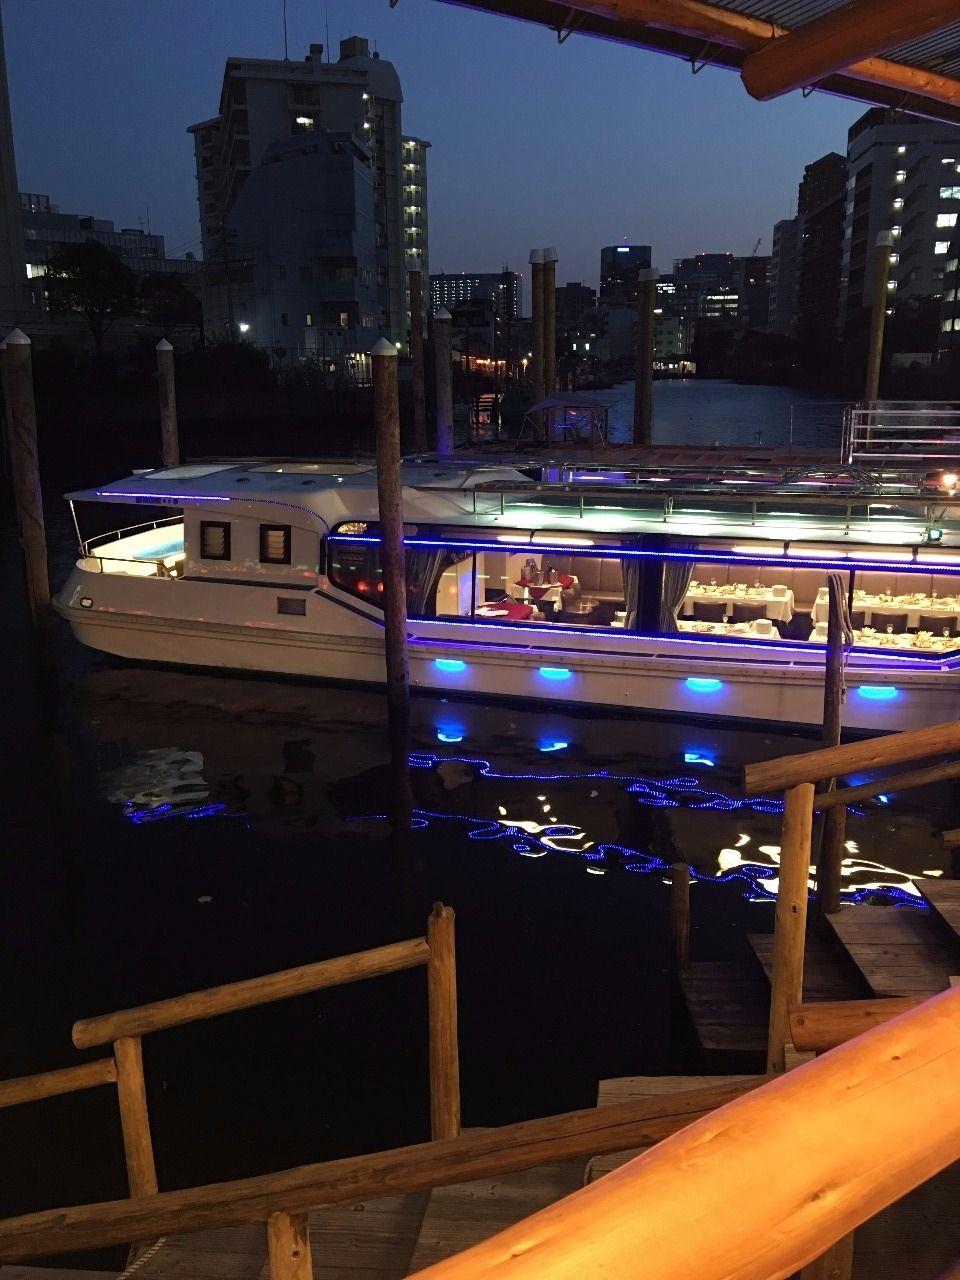 東京湾パーティークルーズ 船清 クルーザー iPhone6Sで撮影